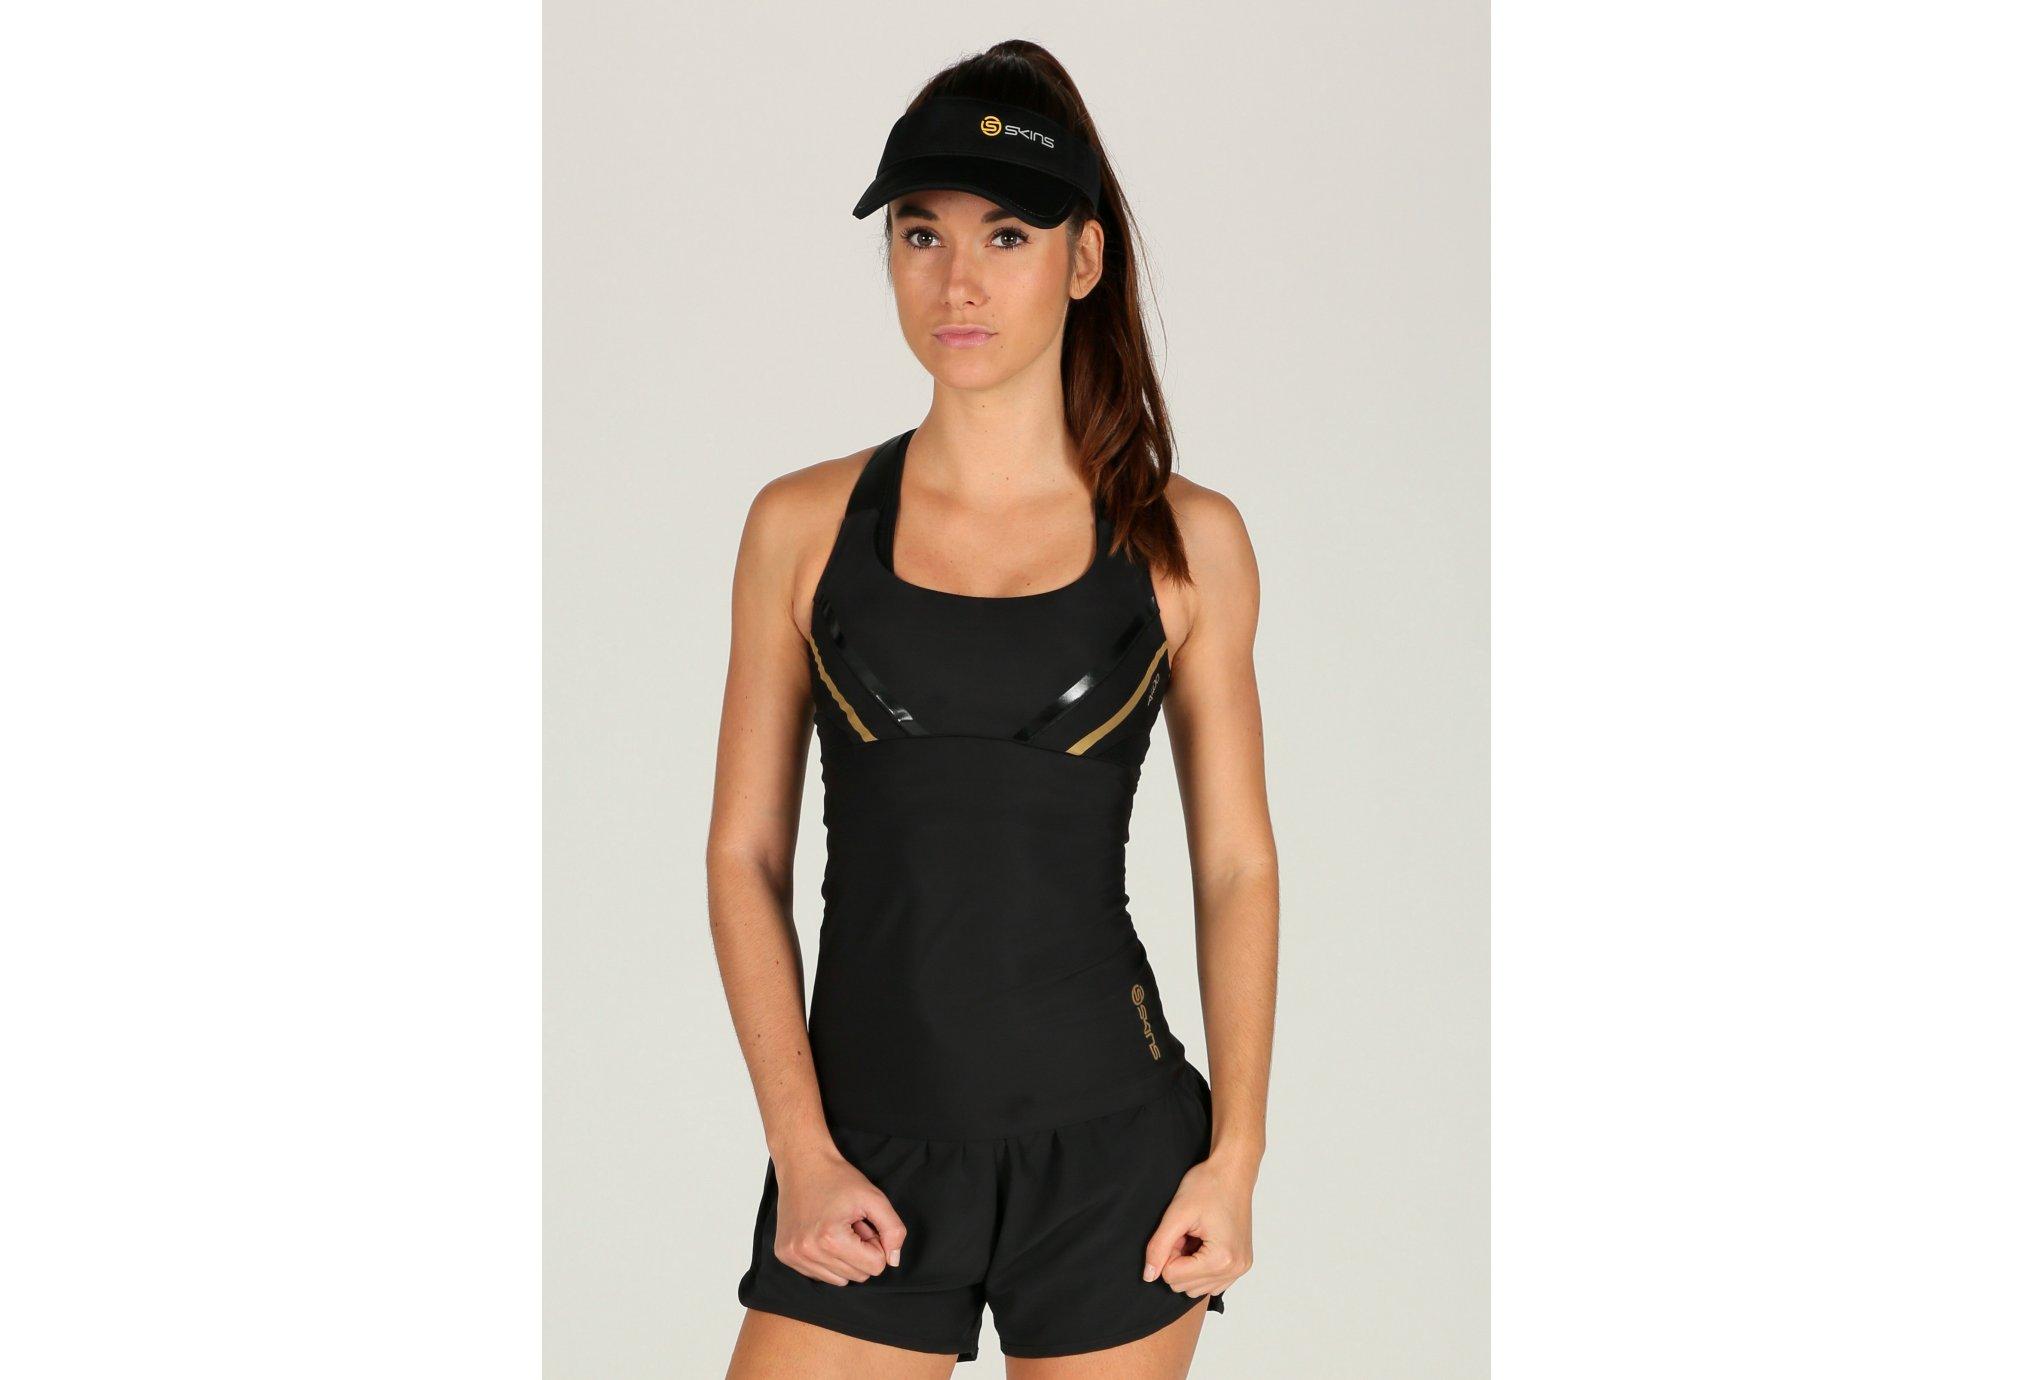 Skins A400 W vêtement running femme